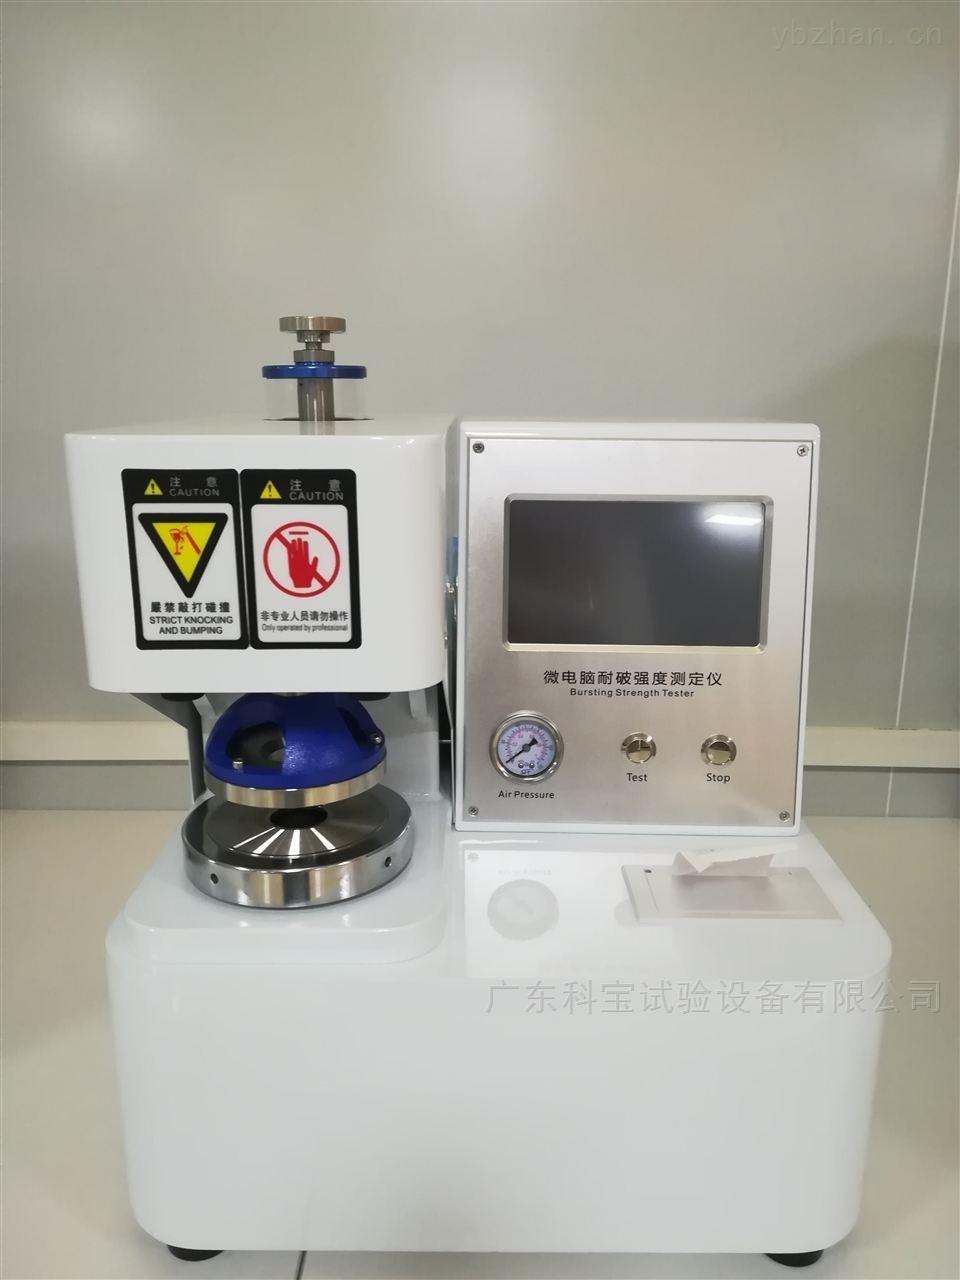 東莞微電腦耐破強度測定儀破裂試驗機